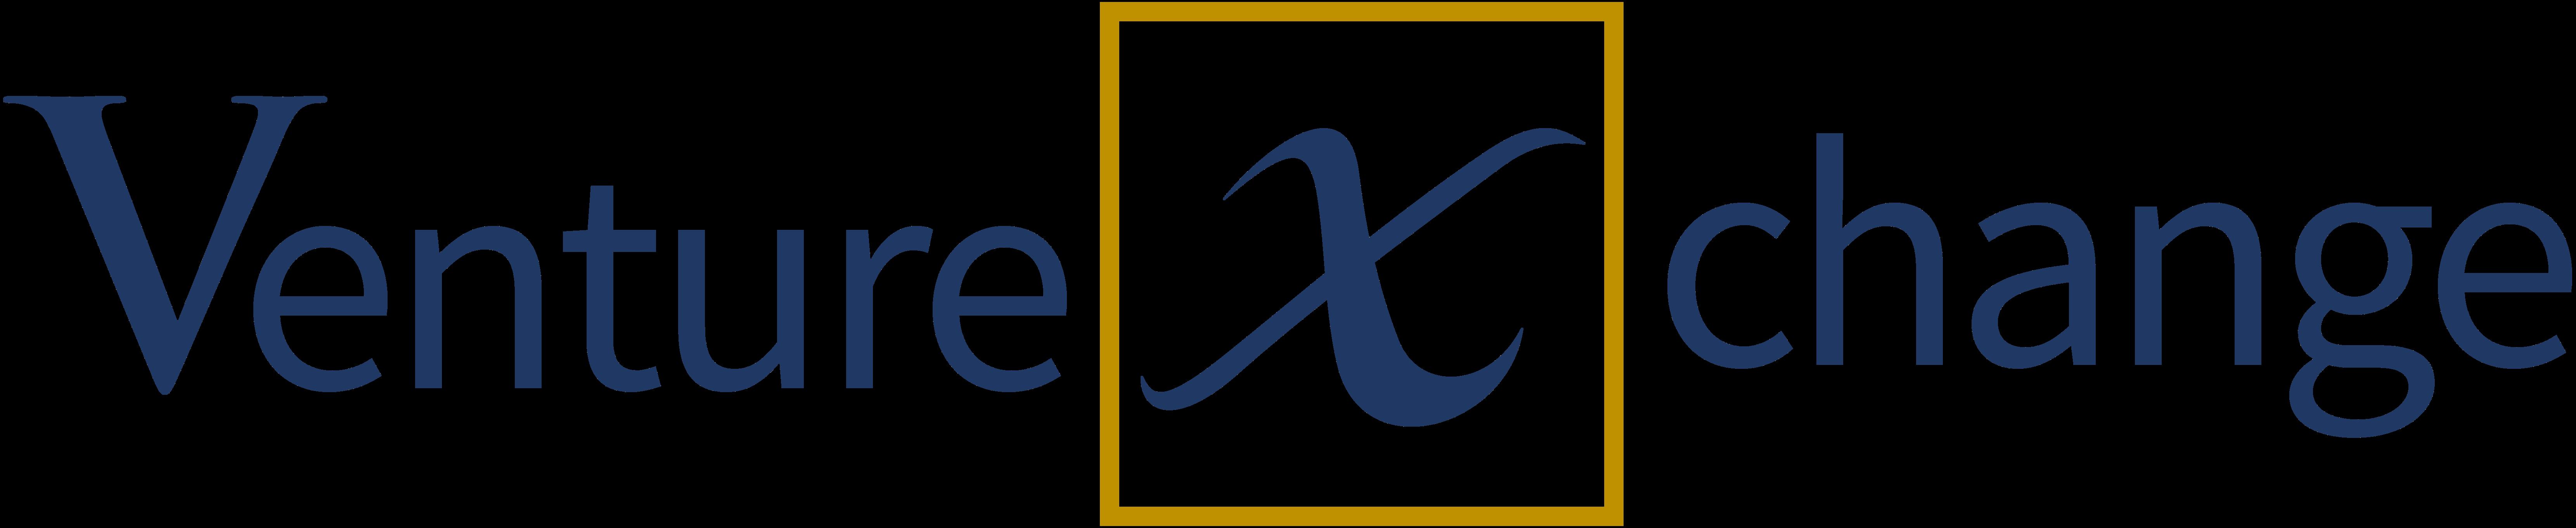 Venturexchange logo blue